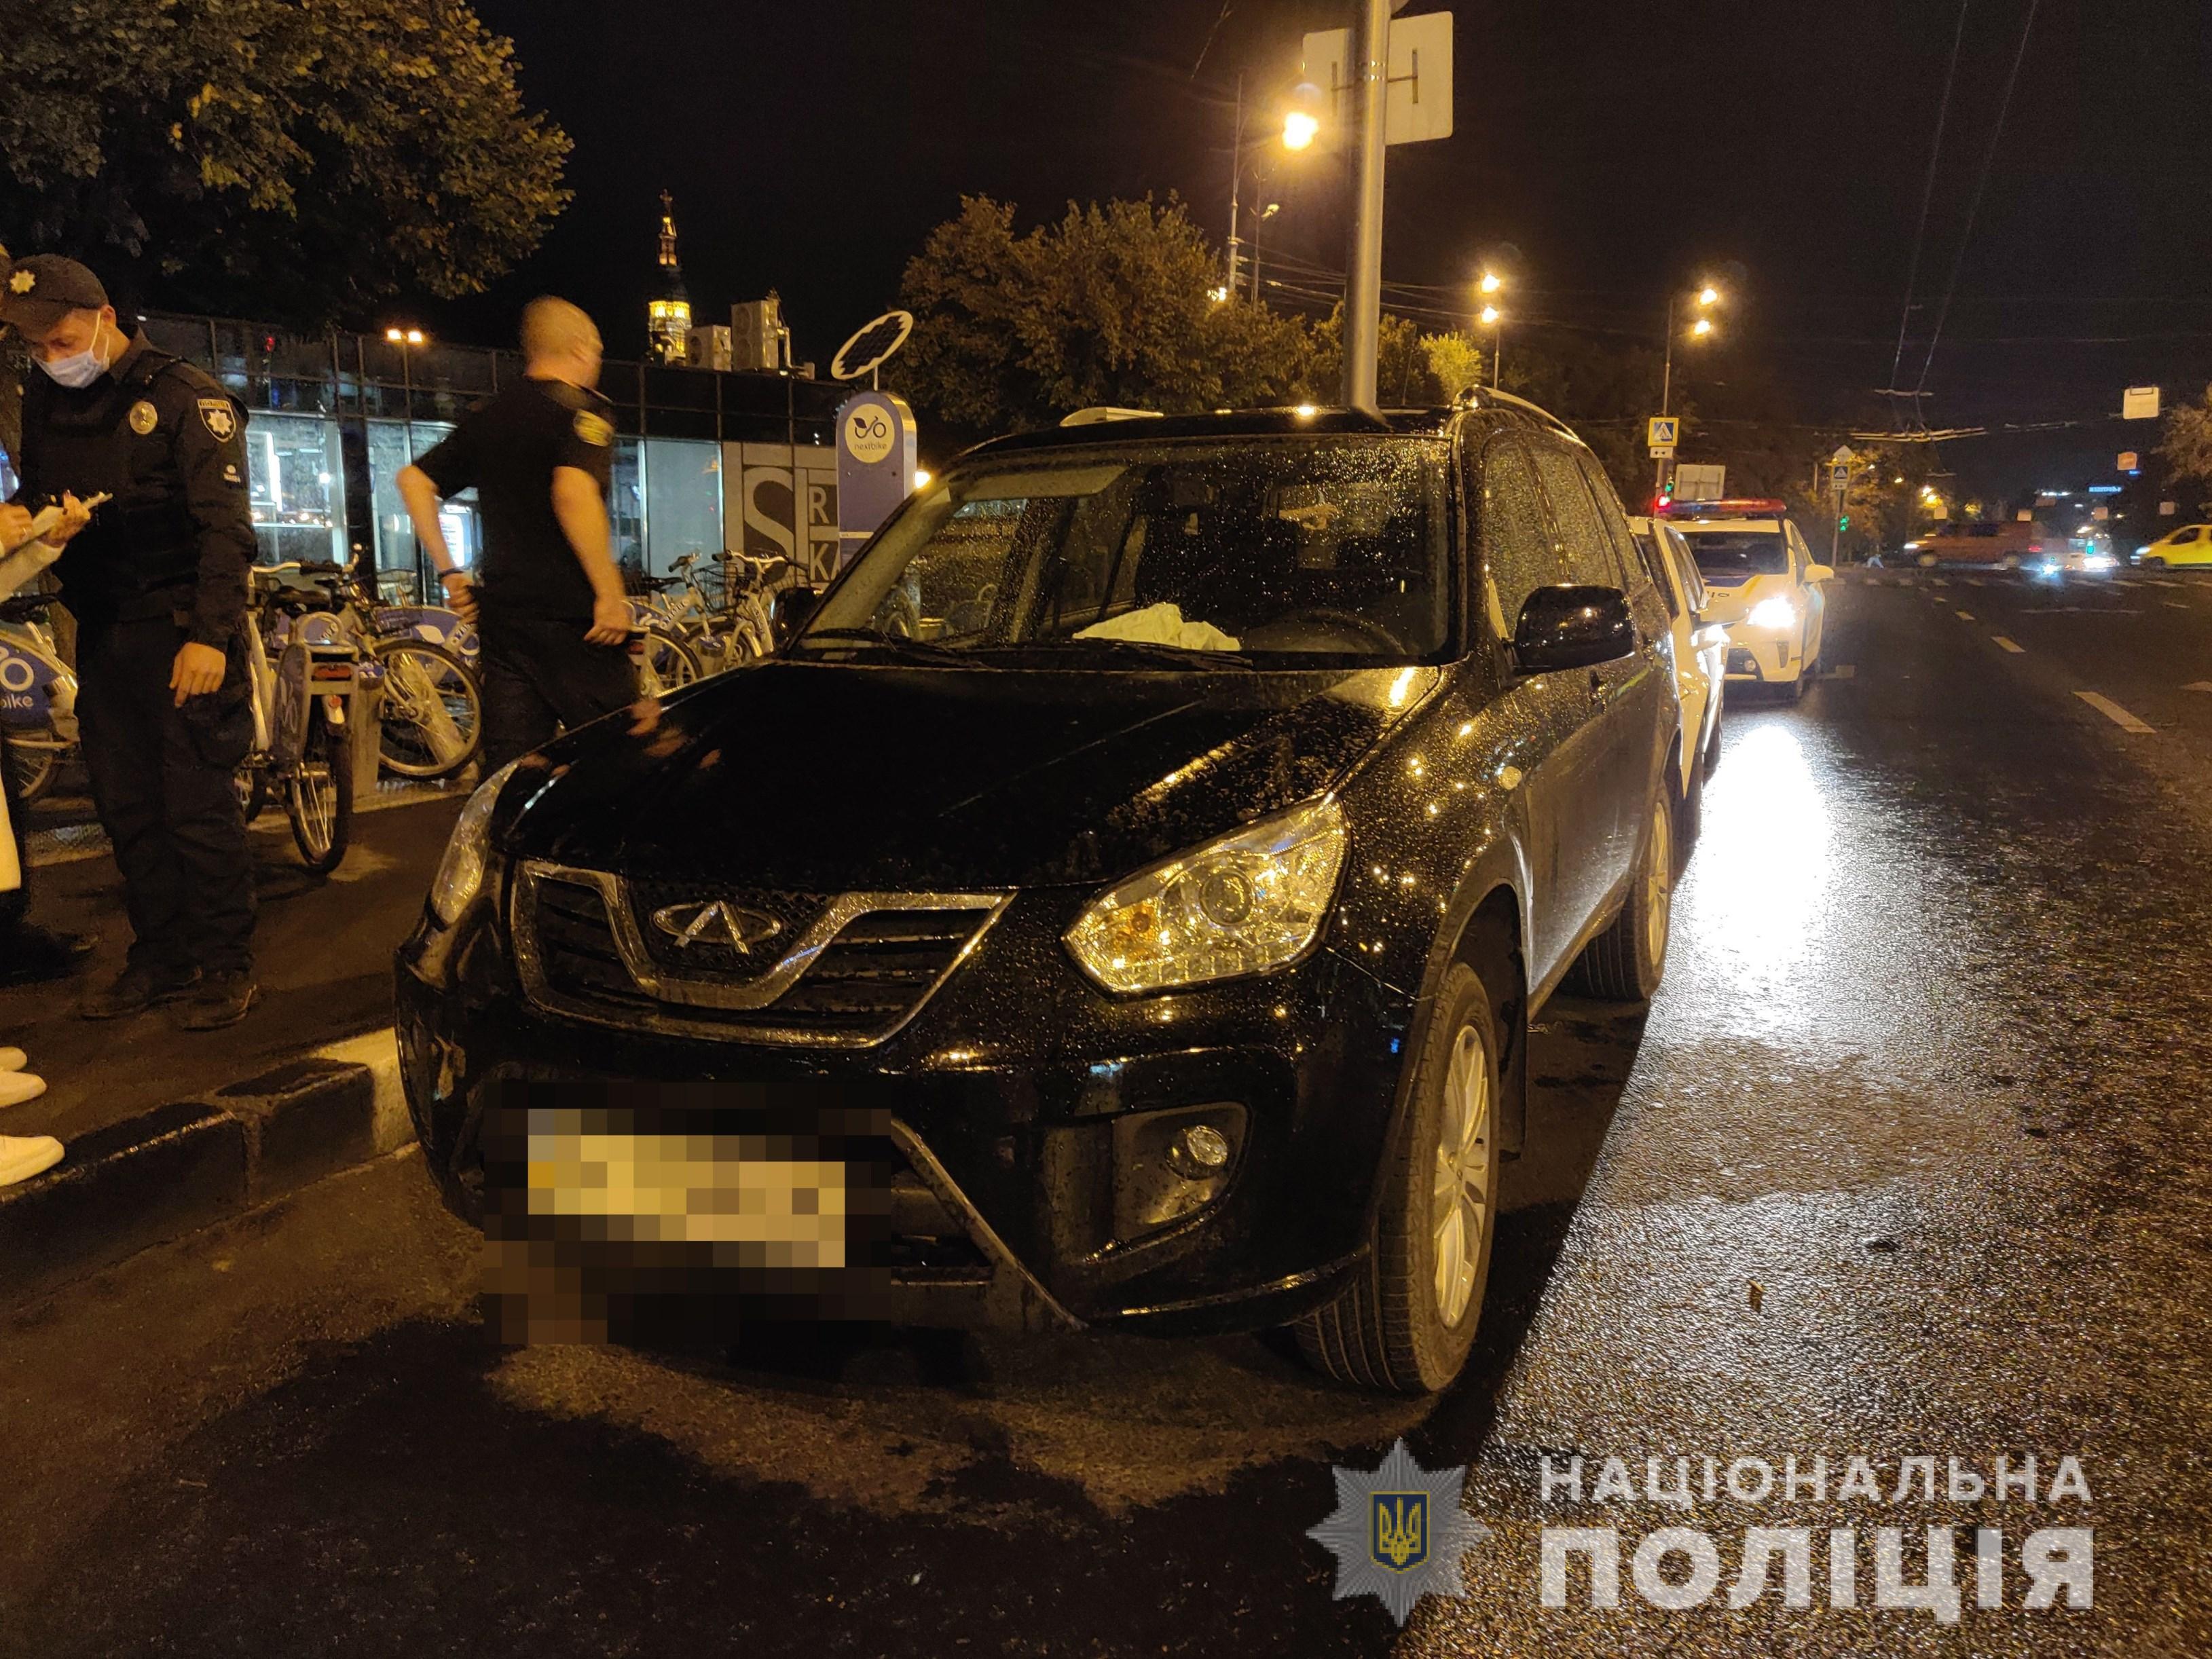 В Харькове мужчина угнал автомобиль (фото)